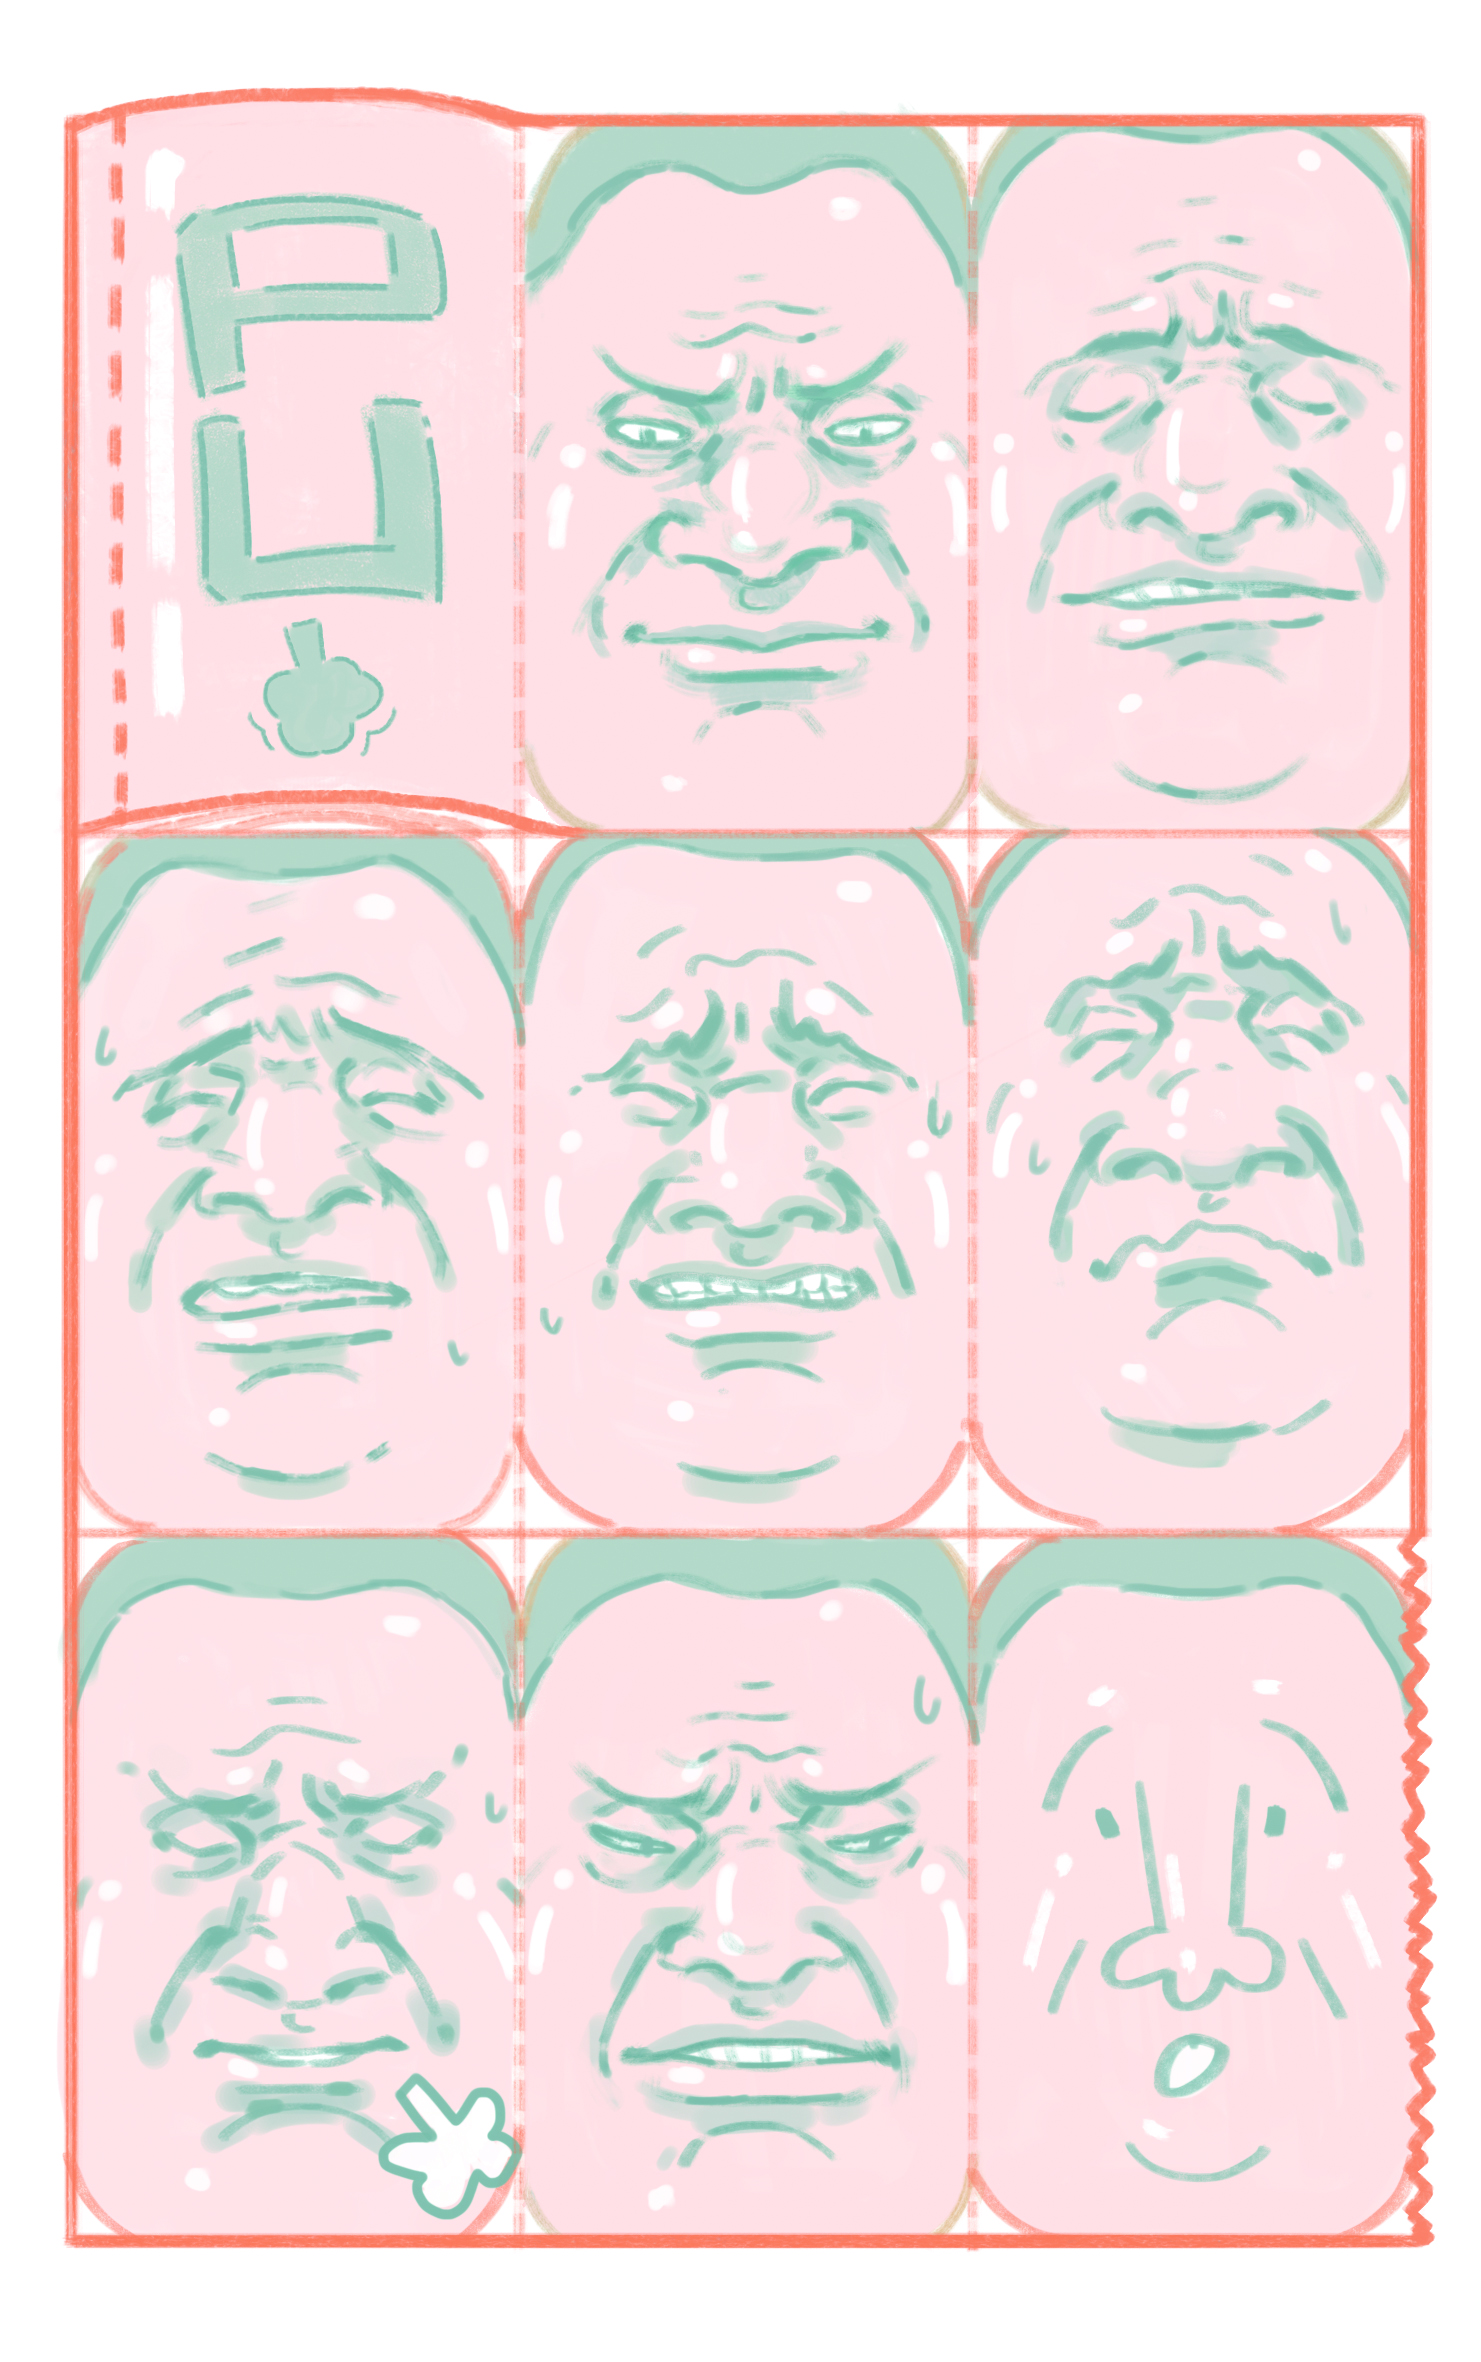 ass3 page4.jpg